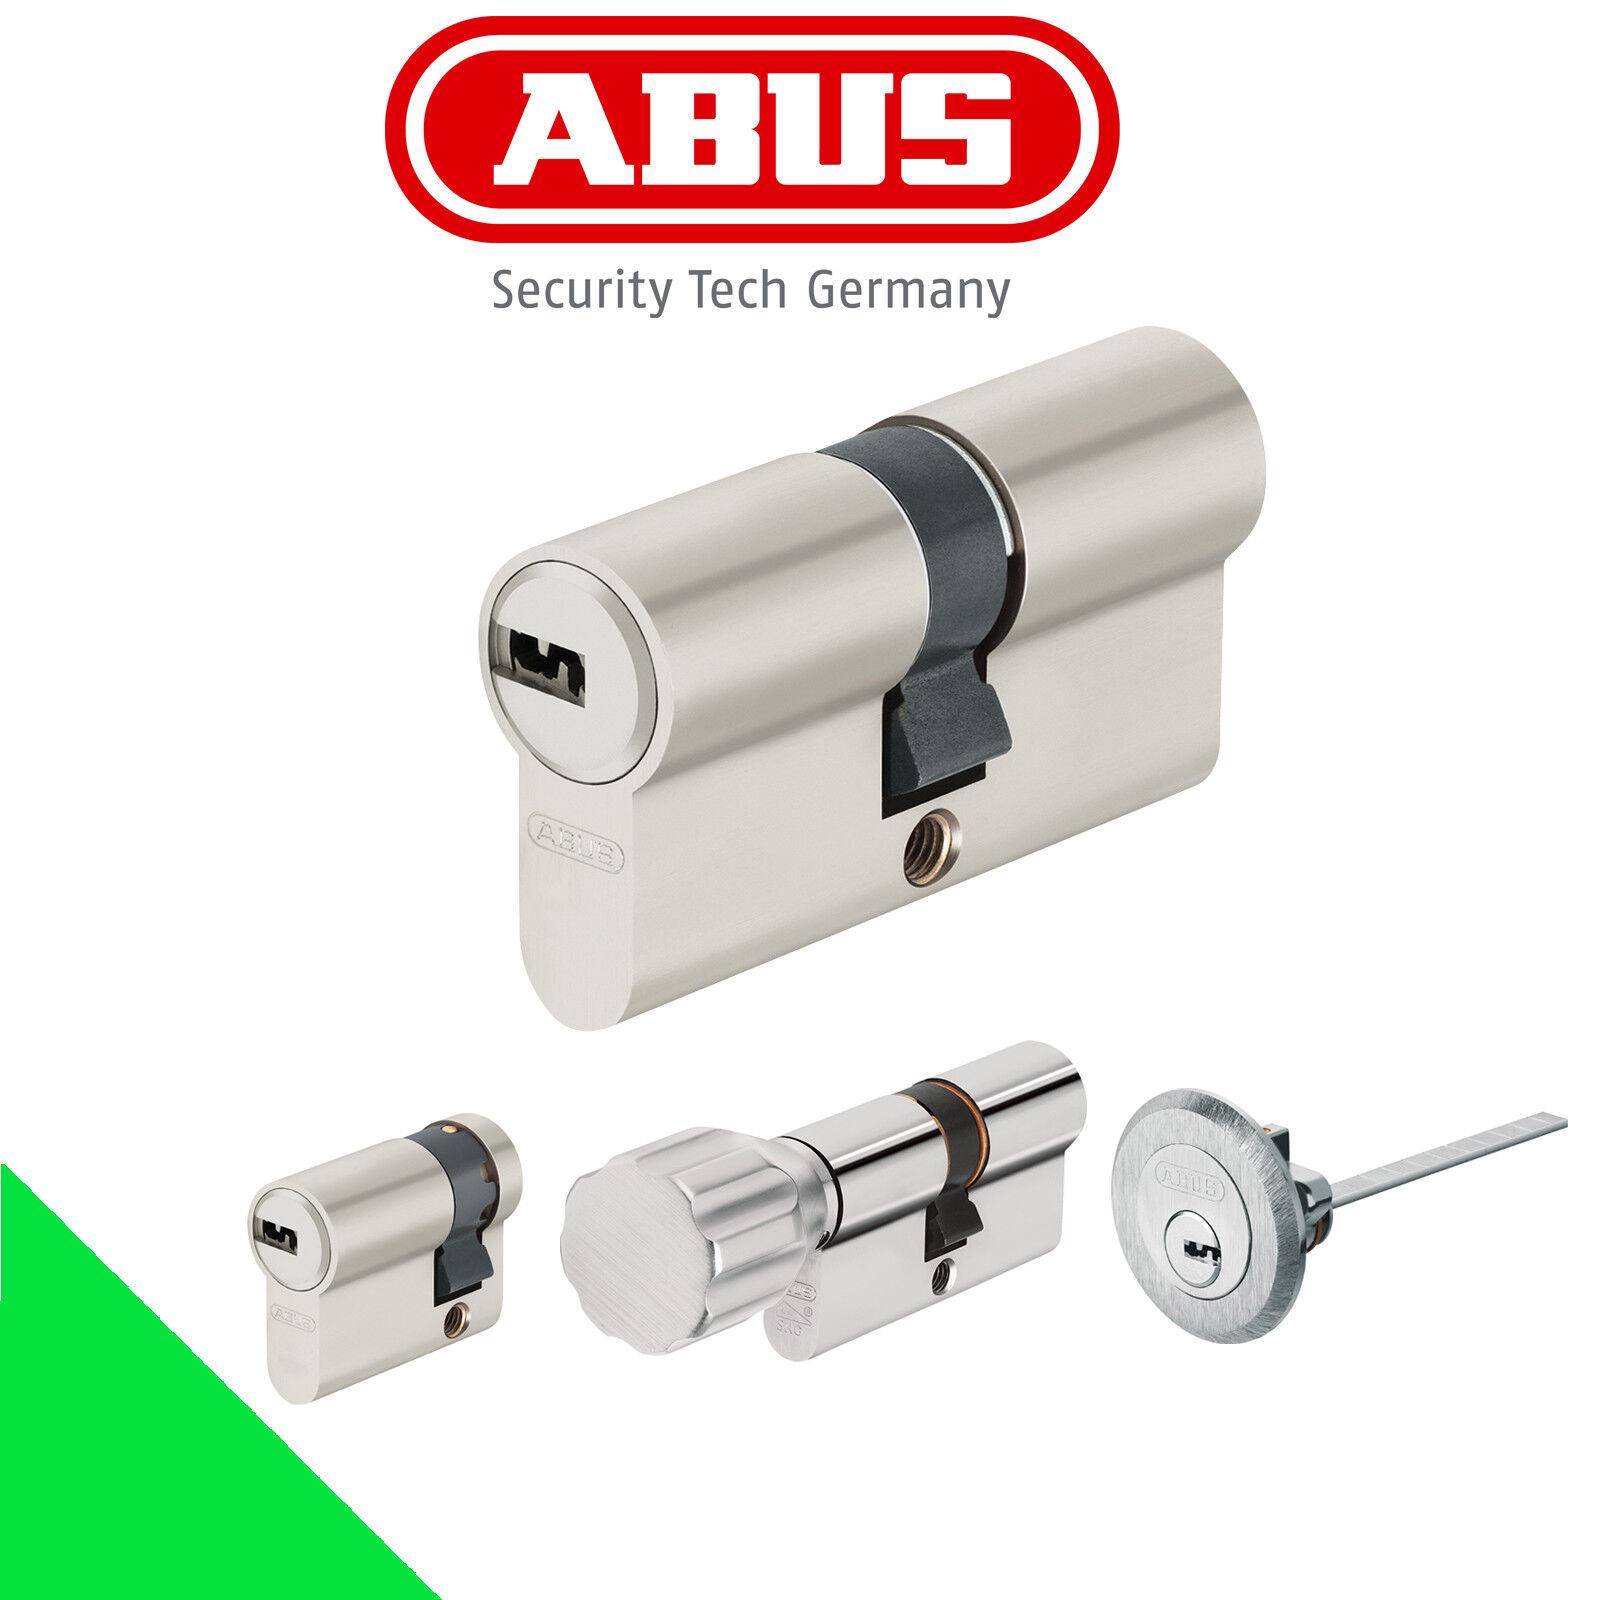 ABUS EC 550 Profilzylinder Gleichschließend Schließzylinder  5 Schlüssel  | Starke Hitze- und Hitzebeständigkeit  | Online einkaufen  | Reparieren  | Qualität Produkt